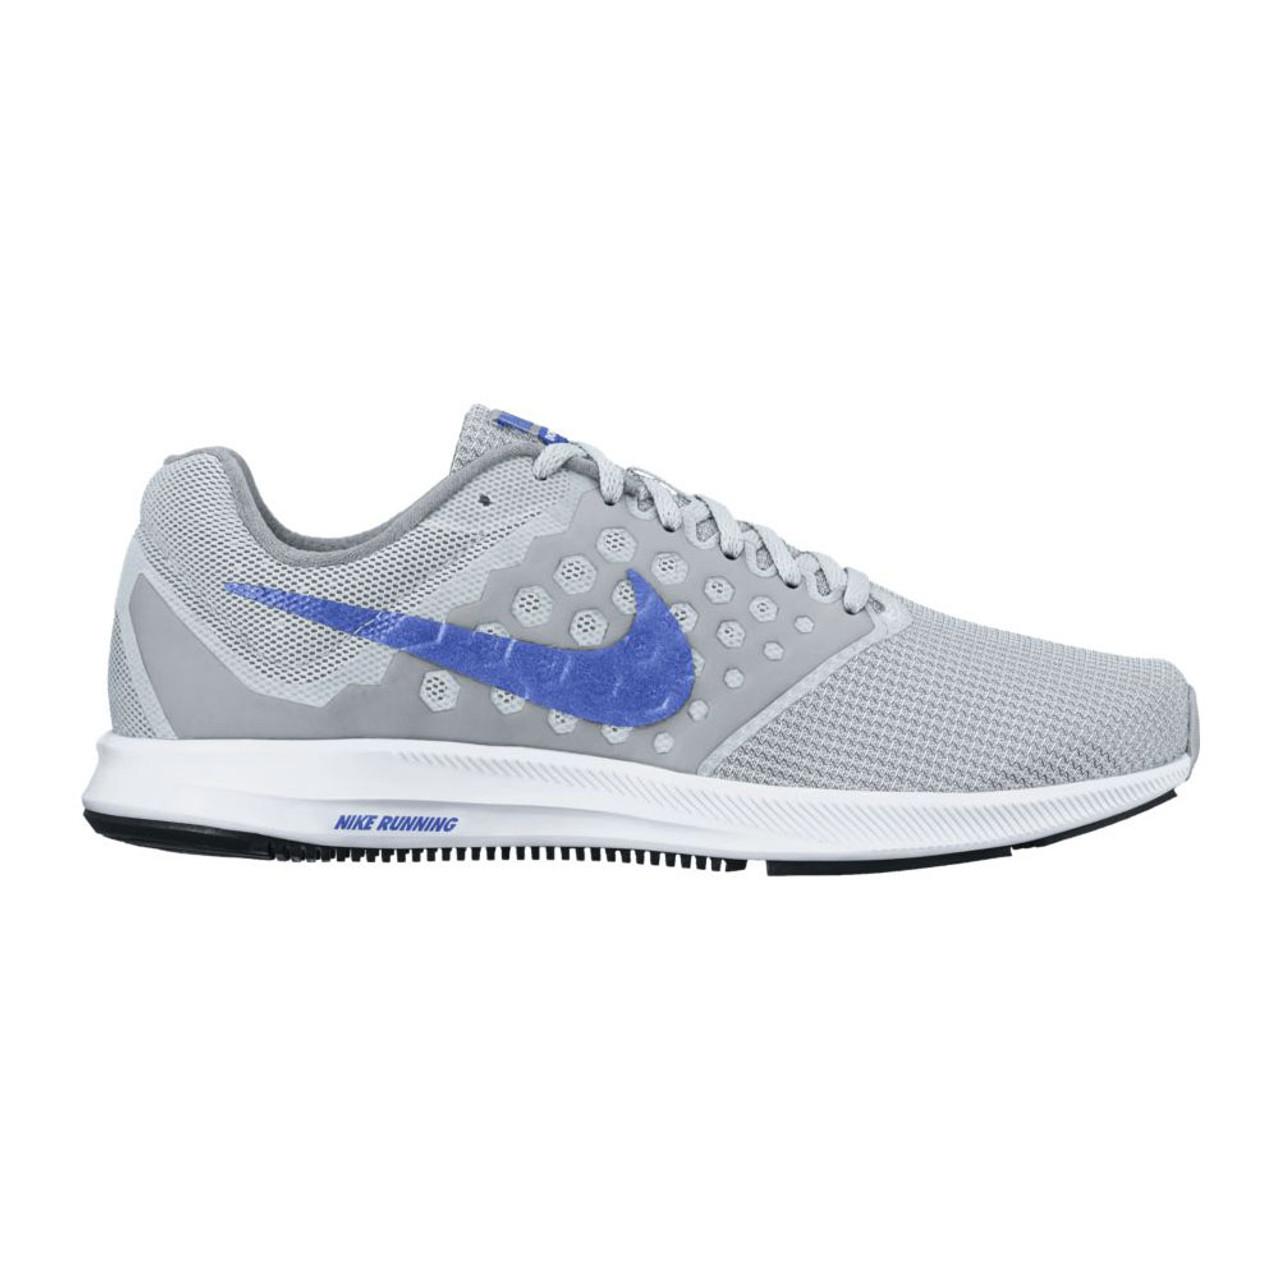 97d15419d0b95 Nike Women s Downshifter 7 Running Shoe Platinum Medium Blue - Shop now    Shoolu.